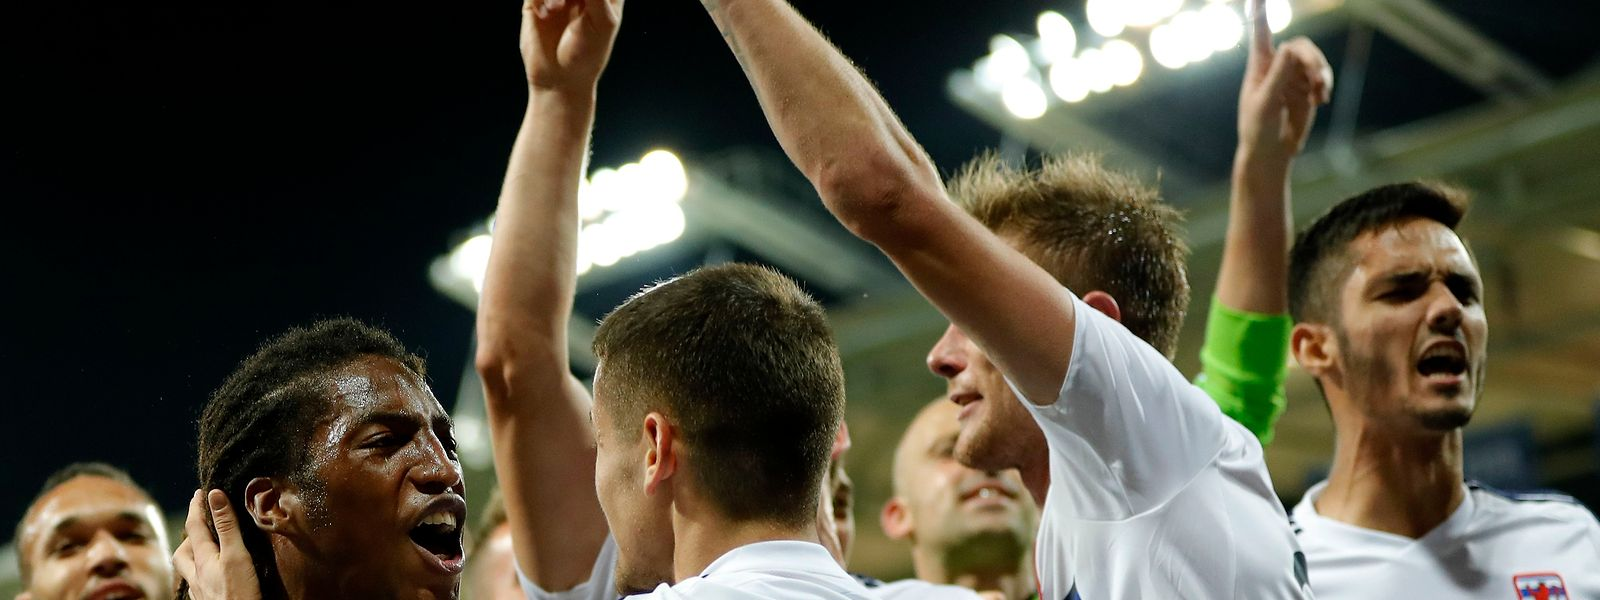 Die FLF-Auswahl um Gerson Rodrigues (l.) feierte nach dem Unentschieden mit den Fans.